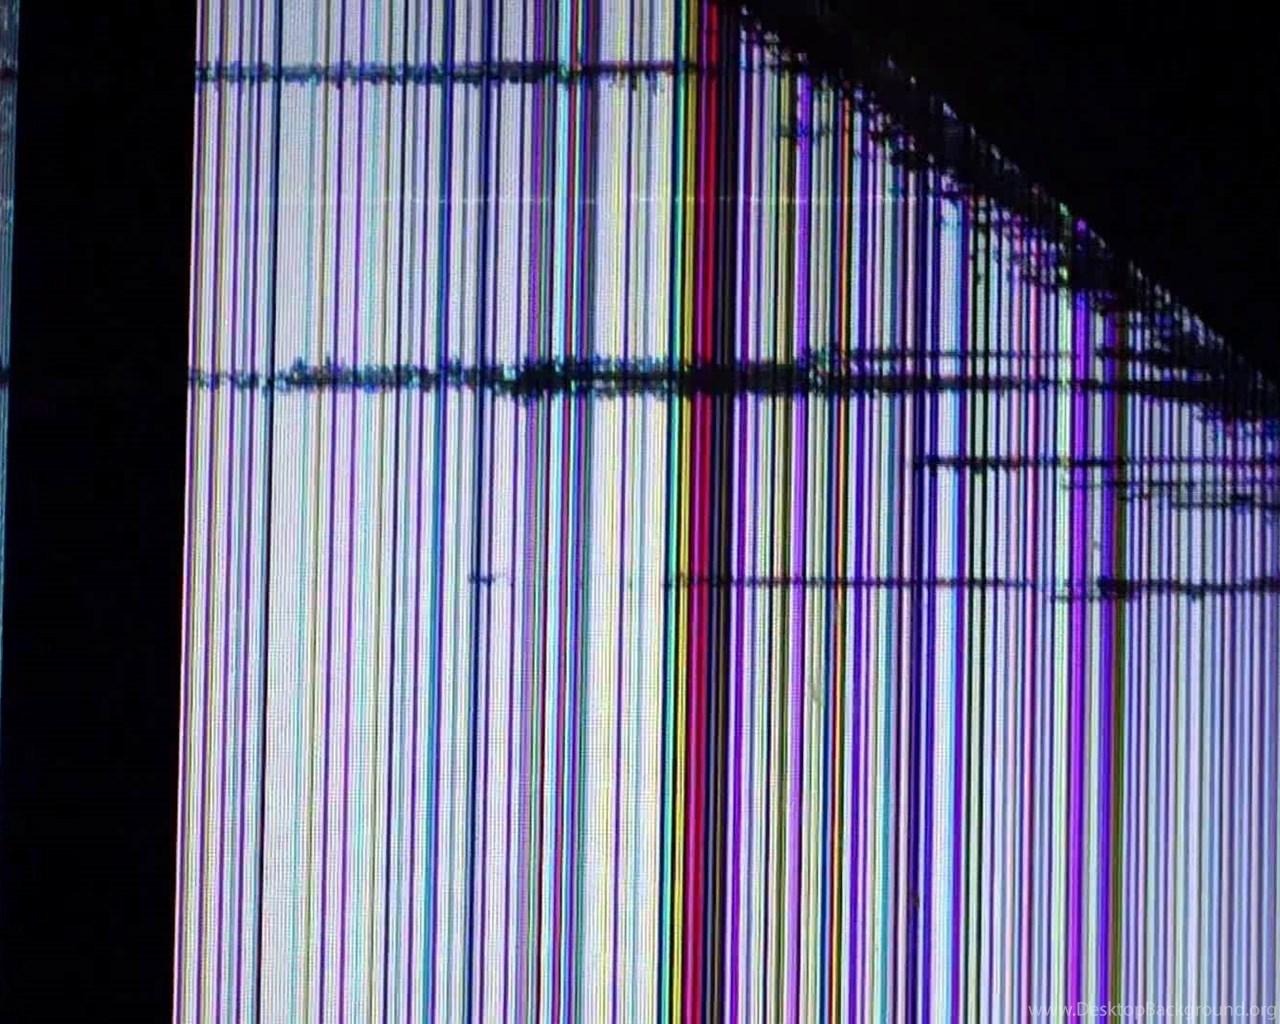 6 Broken Screen Wallpapers Prank For Iphone Ipod Windows